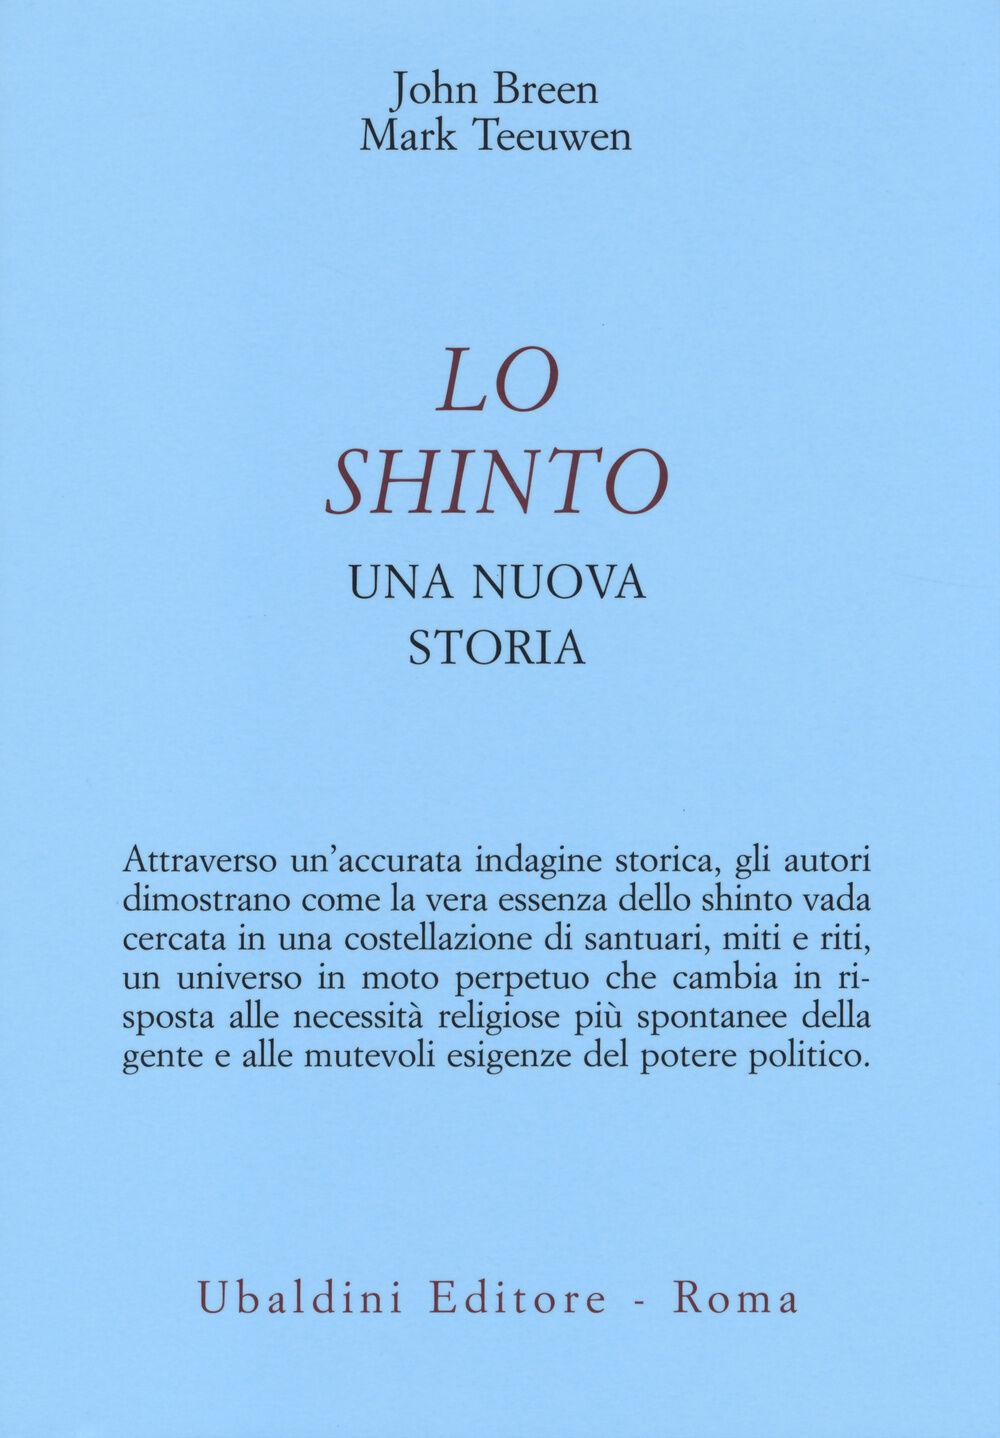 Lo shinto. Una nuova storia